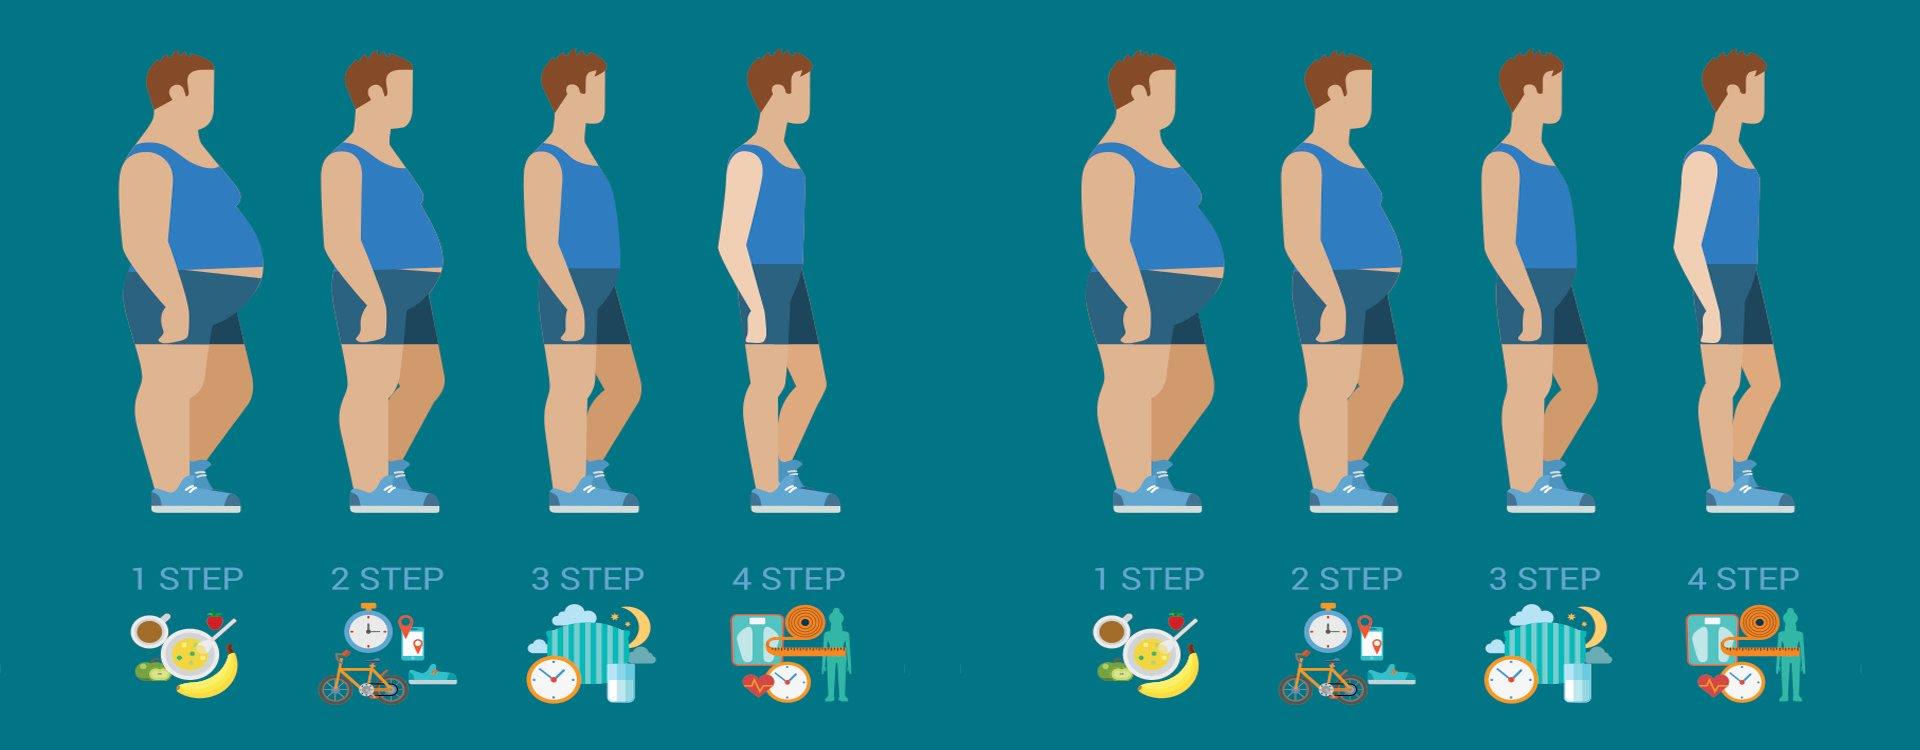 body fat percentage army